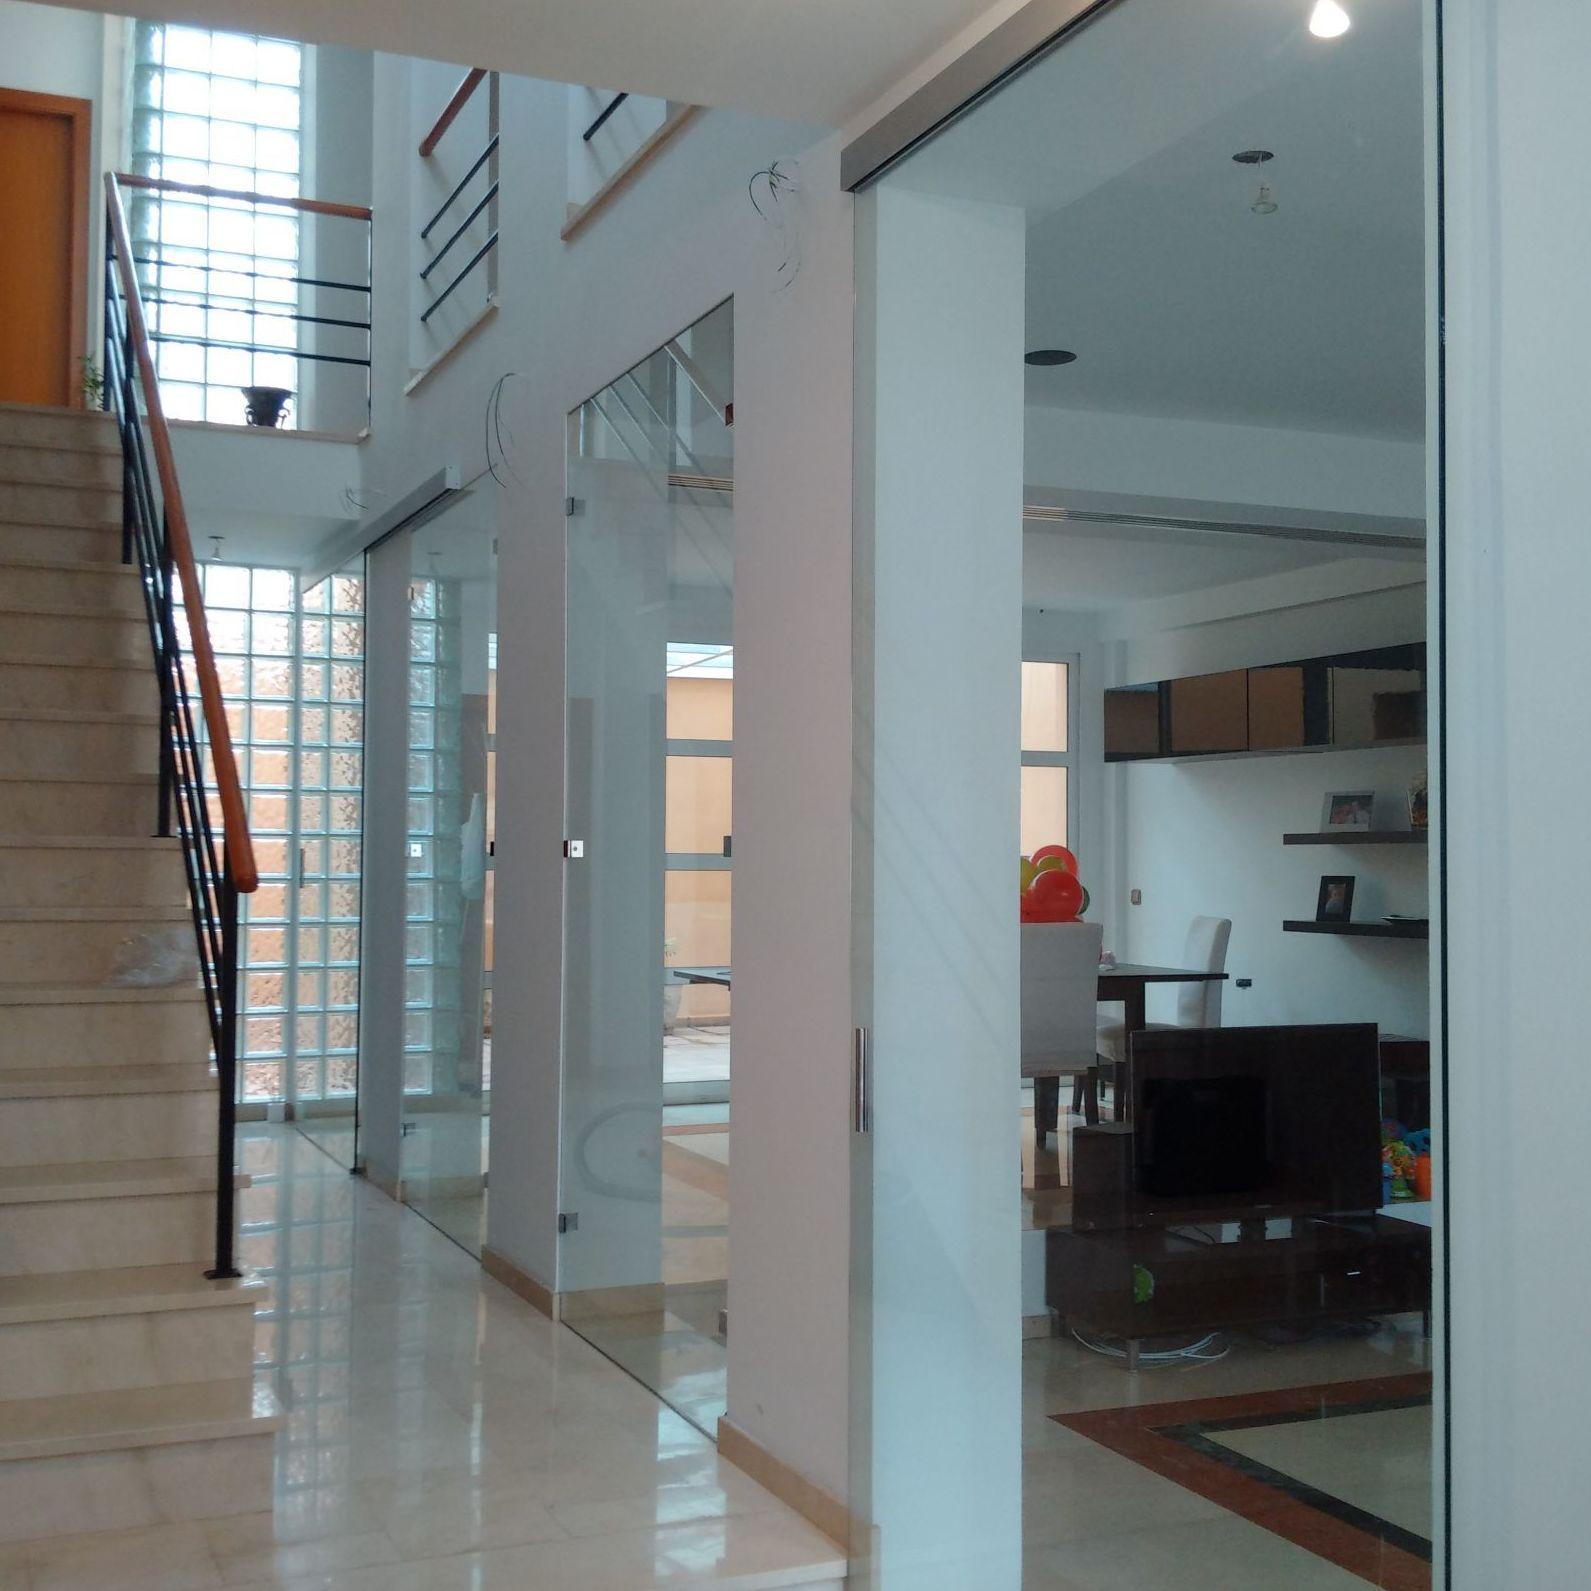 Cerramiento de vidrio interior con fijos y puertas correderas